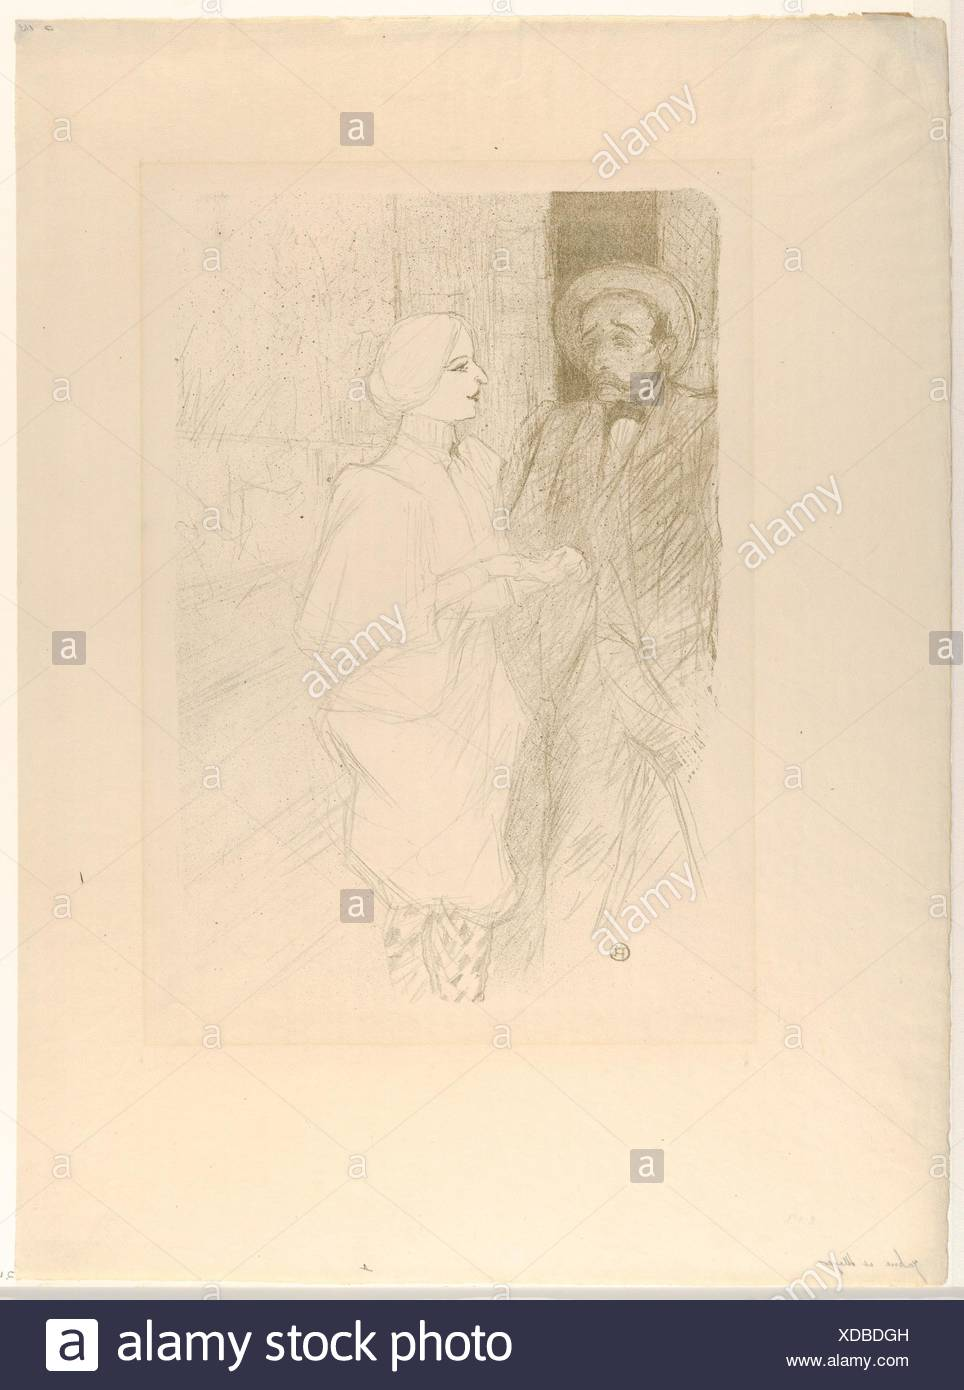 Léonie Yahne and Henry Mayer, in L'Age Difficile. Artist: Henri de Toulouse-Lautrec (French, Albi 1864-1901 Saint-André-du-Bois); Publisher: Edouard - Stock Image